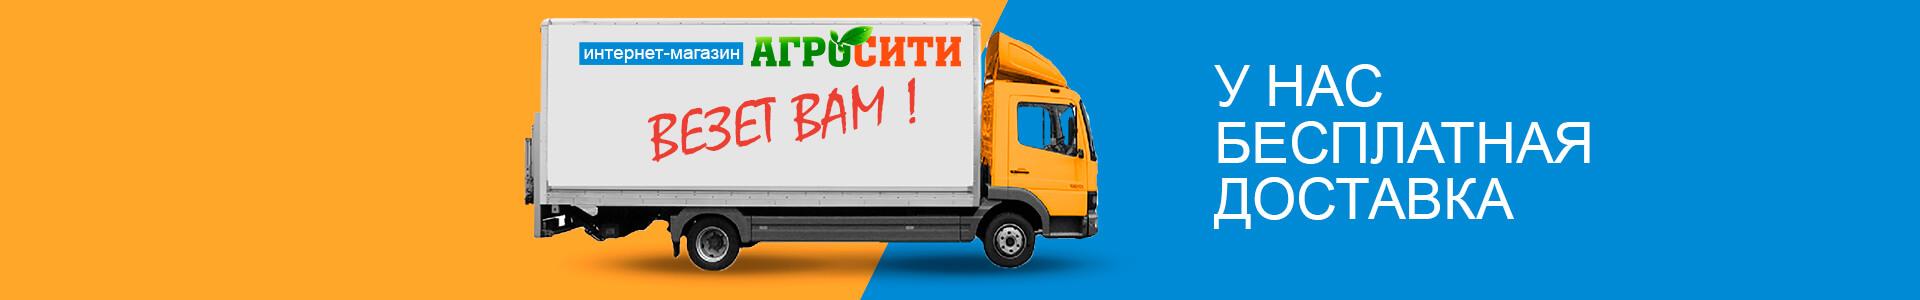 Бесплатная доставка по Беларуси